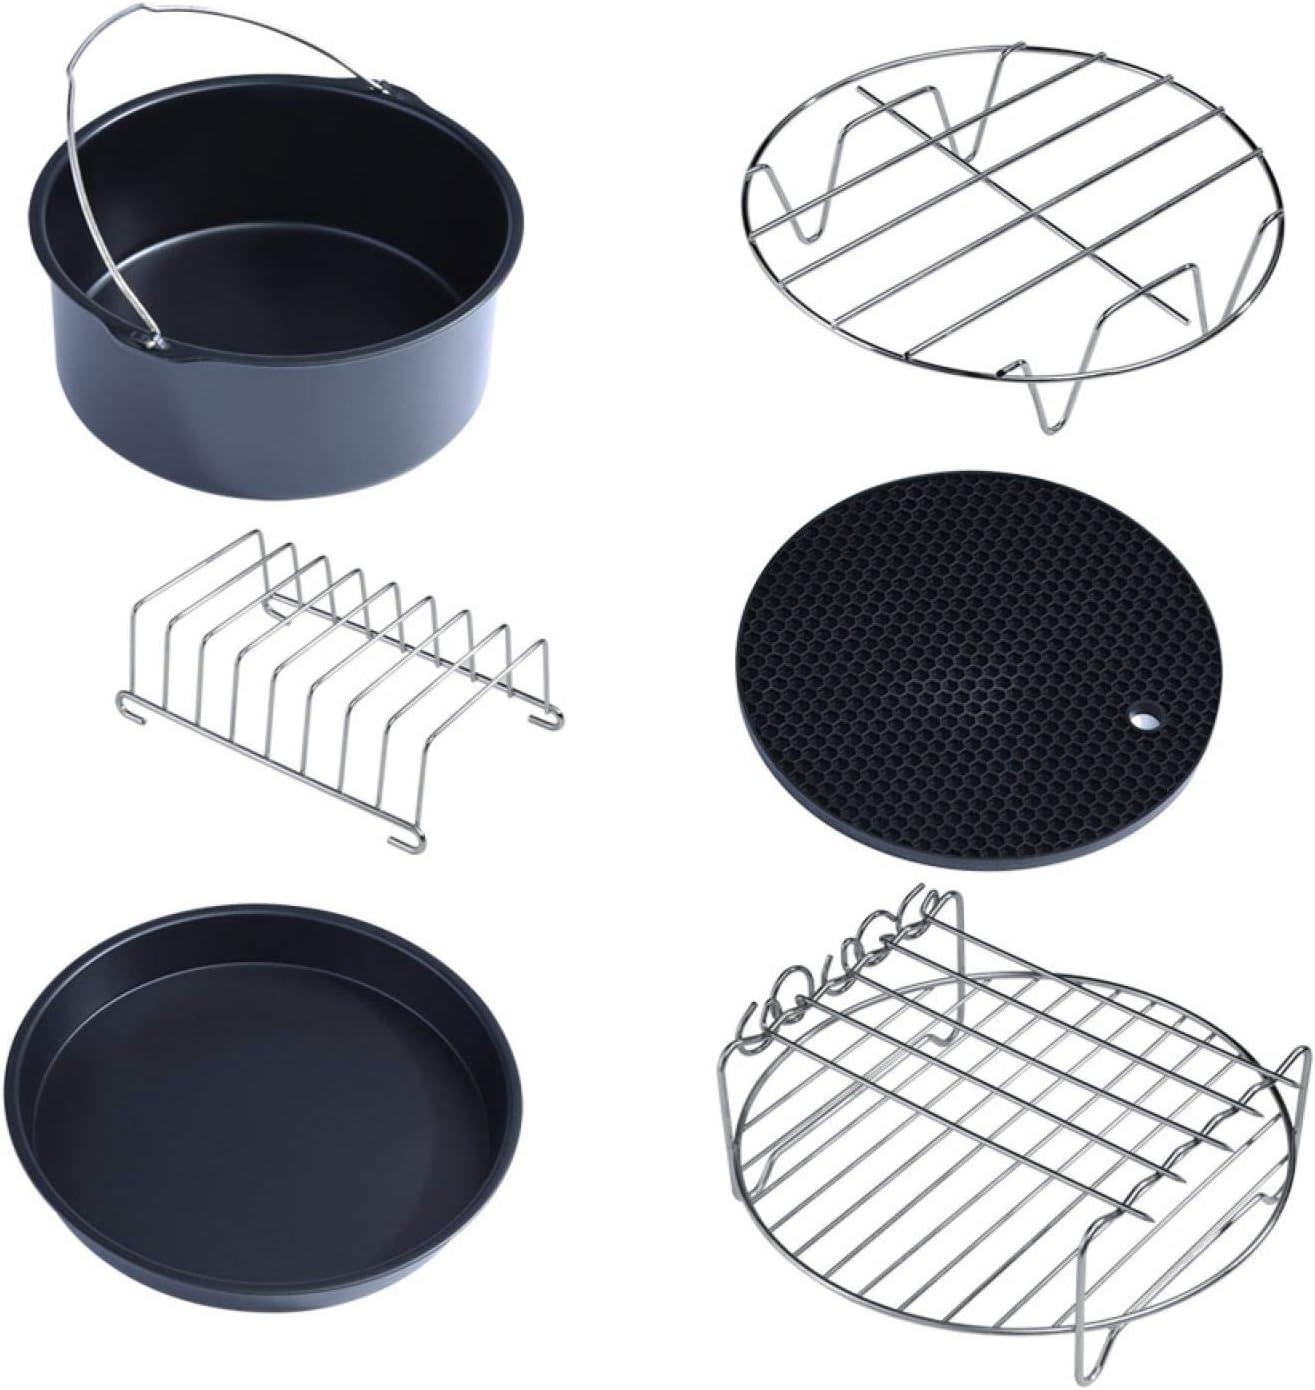 Omabeta 6 in 1 Multifunctional Air Fryer Accessories Set Kit Air Fryer Accessories Parts Metal Holder Skewer Rack Cake Barrel